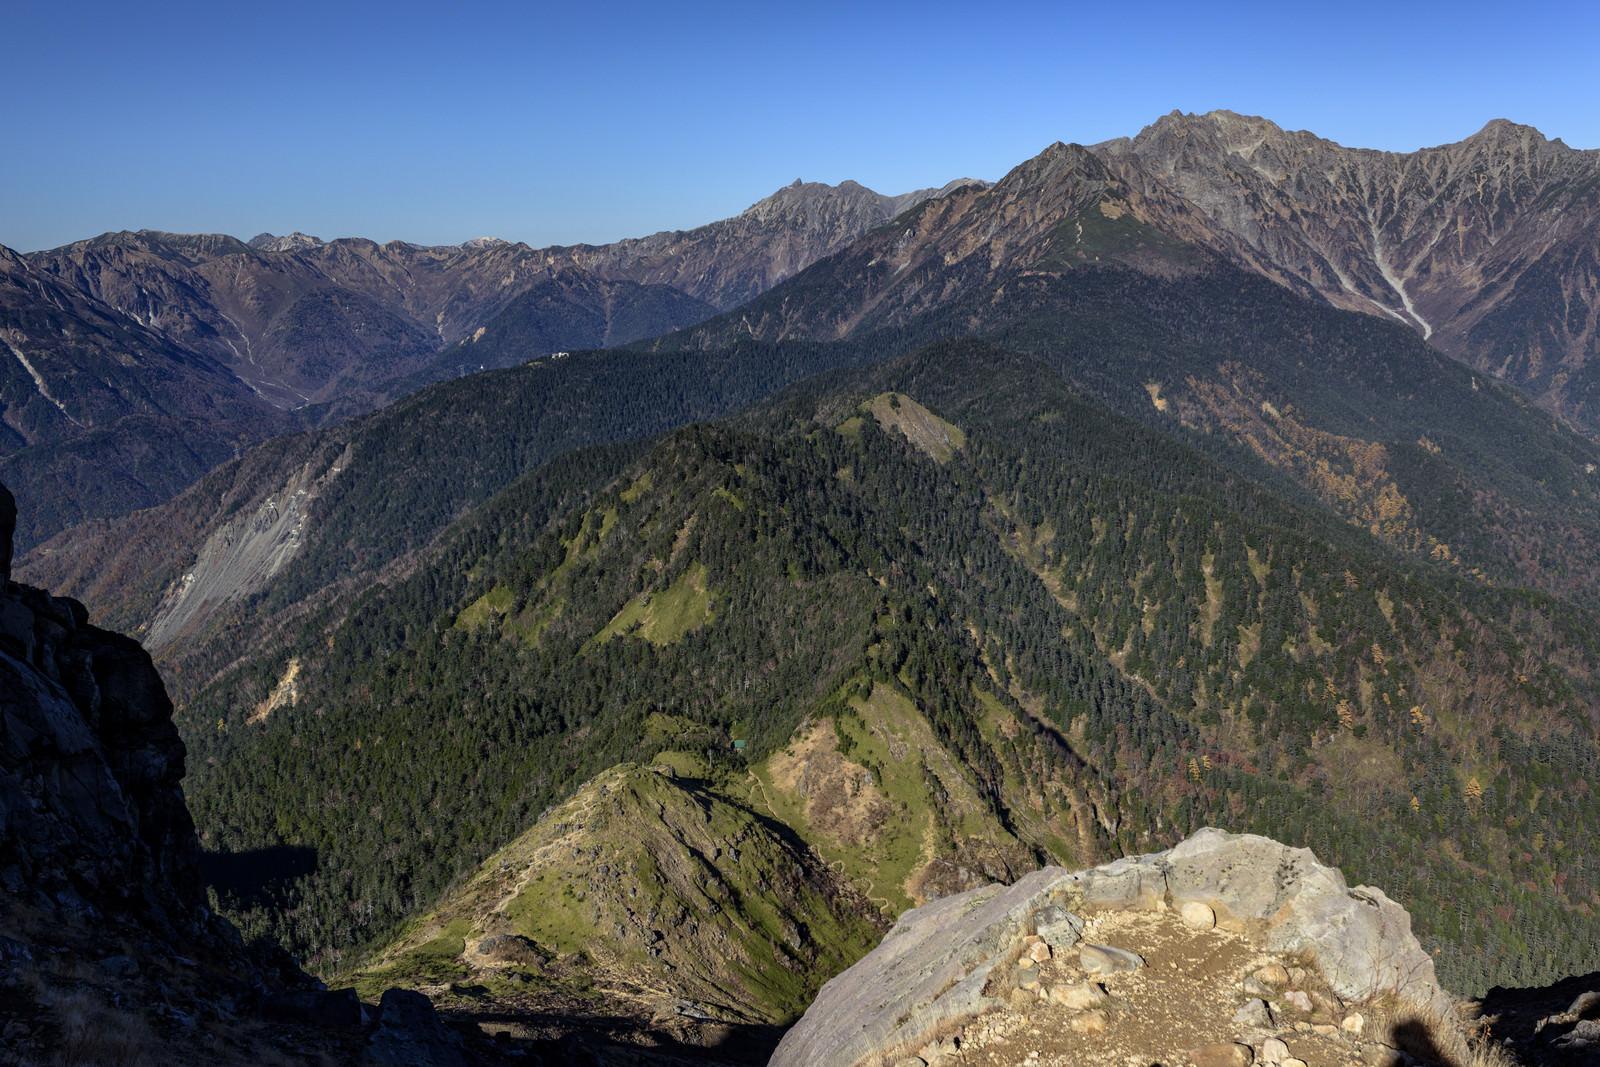 「焼岳の山小屋と遠方の槍ヶ岳(やりがたけ)」の写真